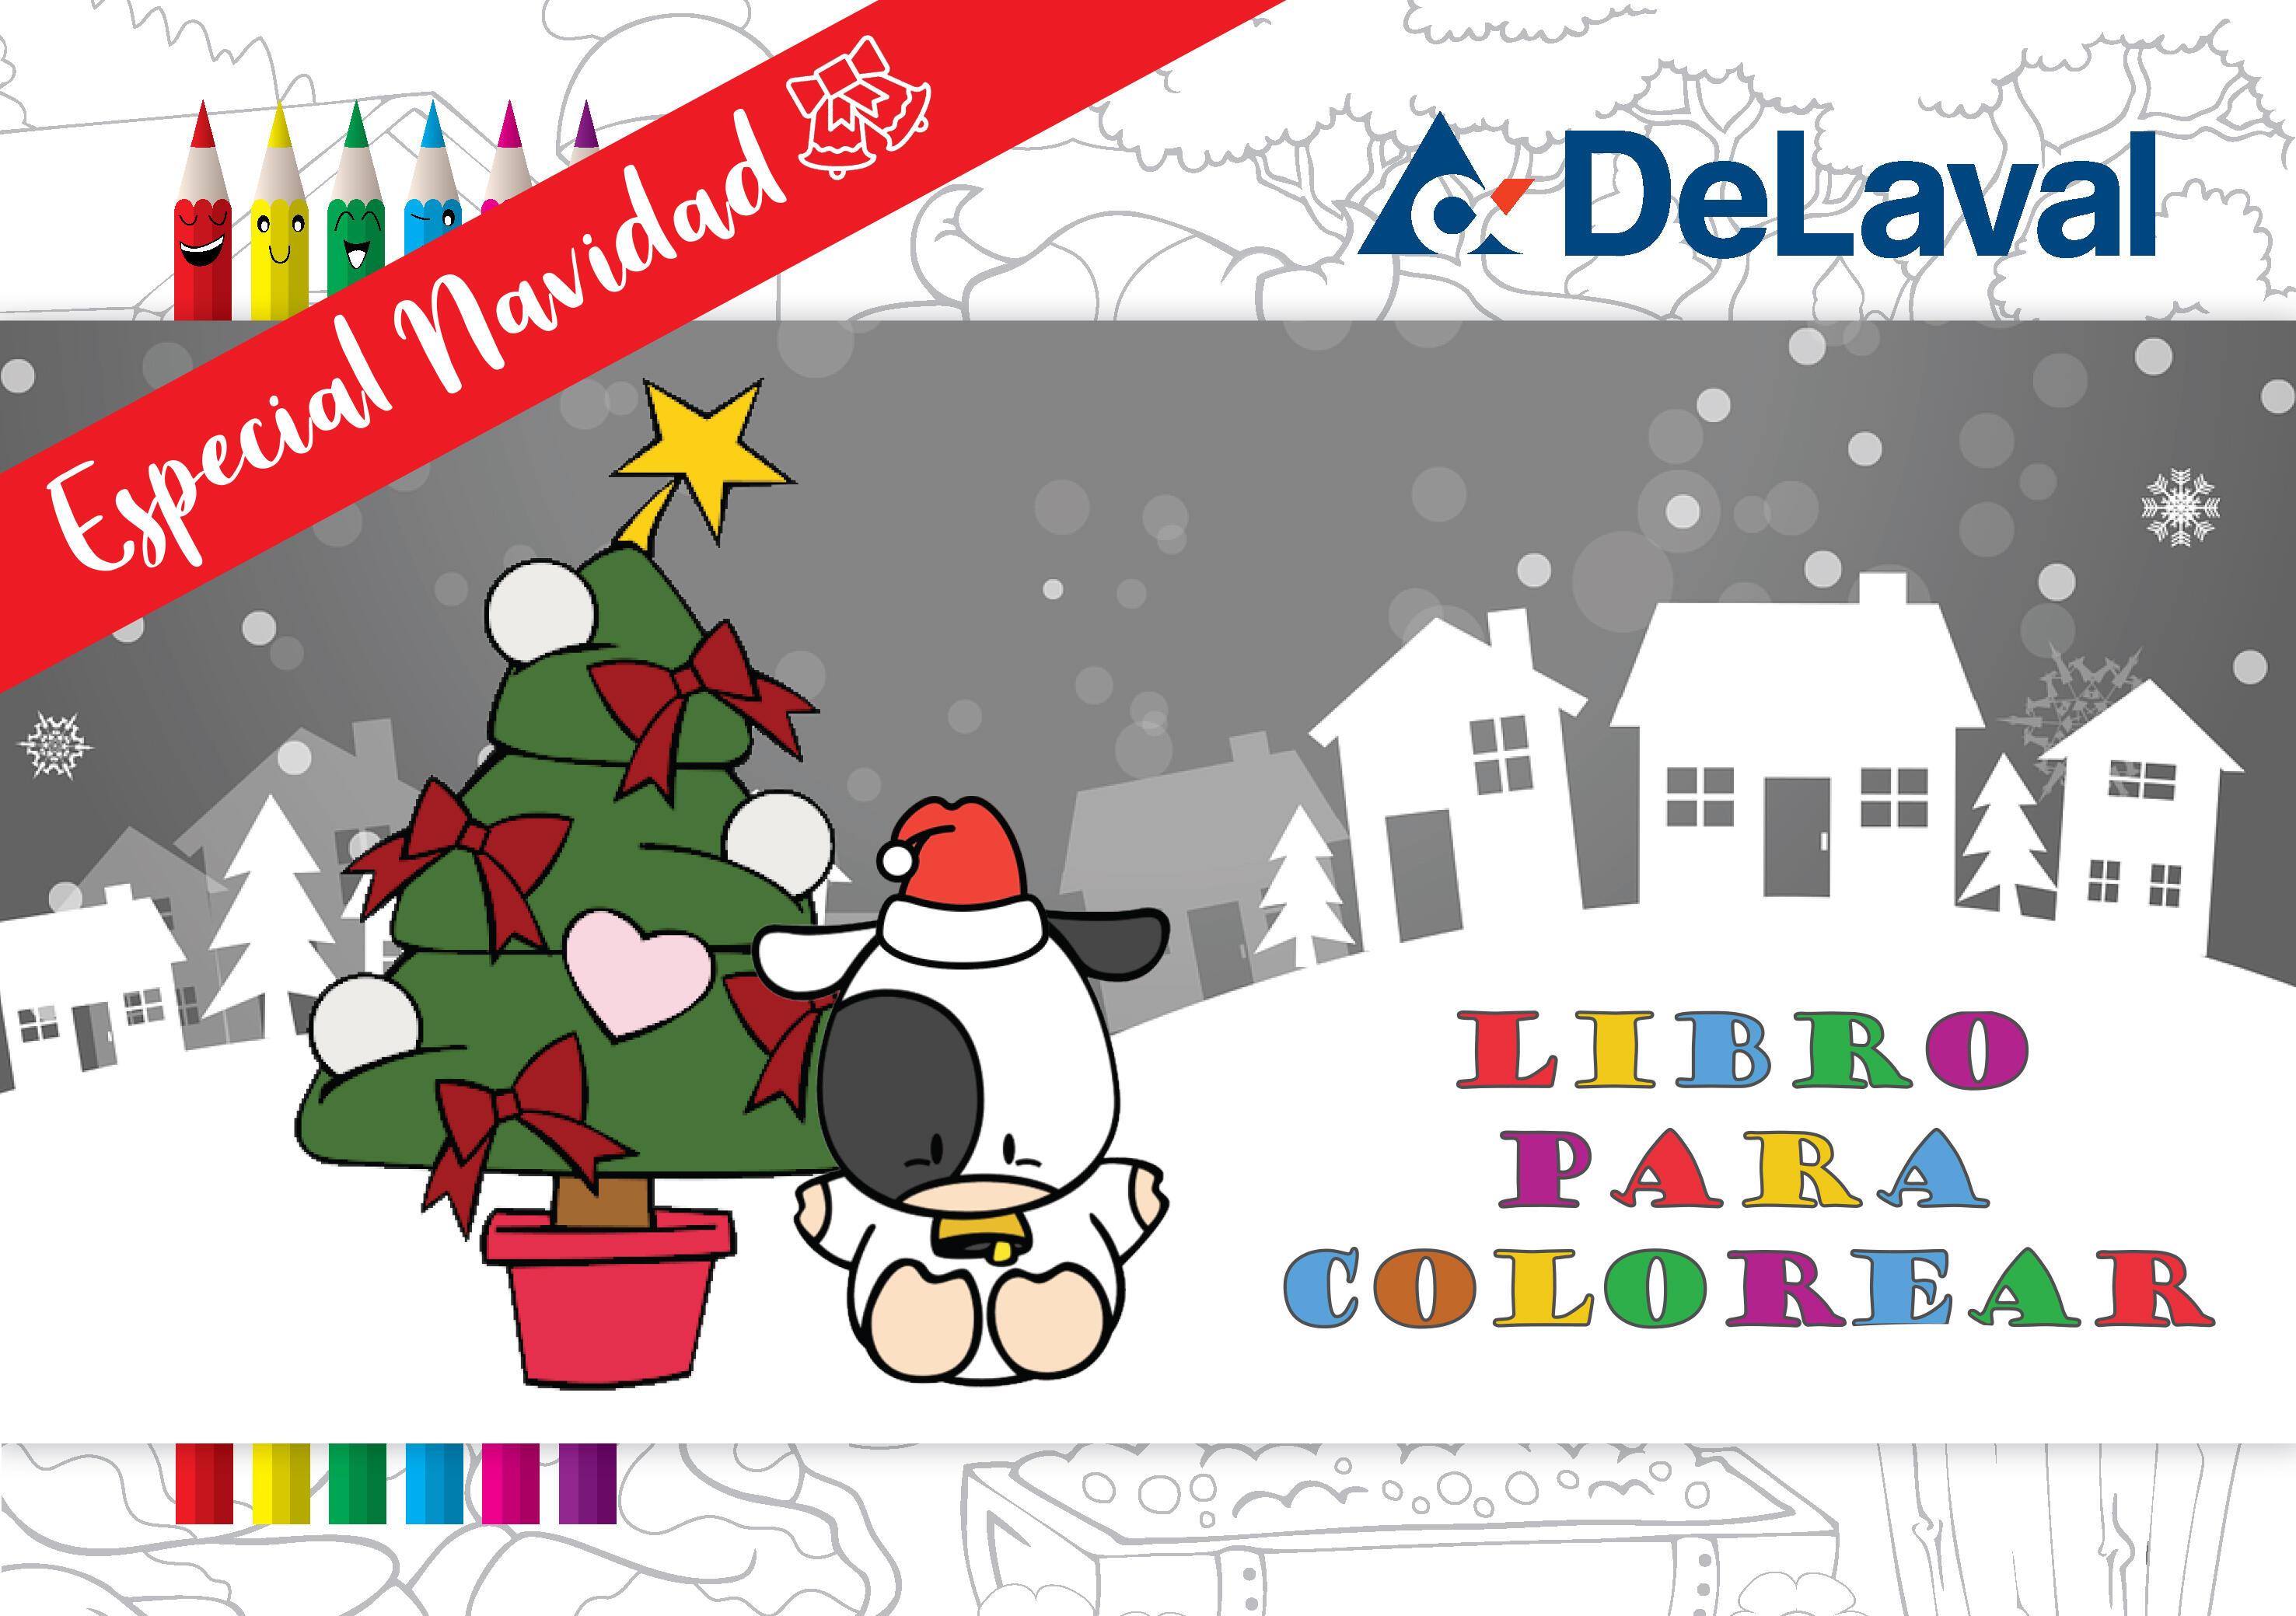 Libro para colorear-DeLaval - Navidad-1.jpg